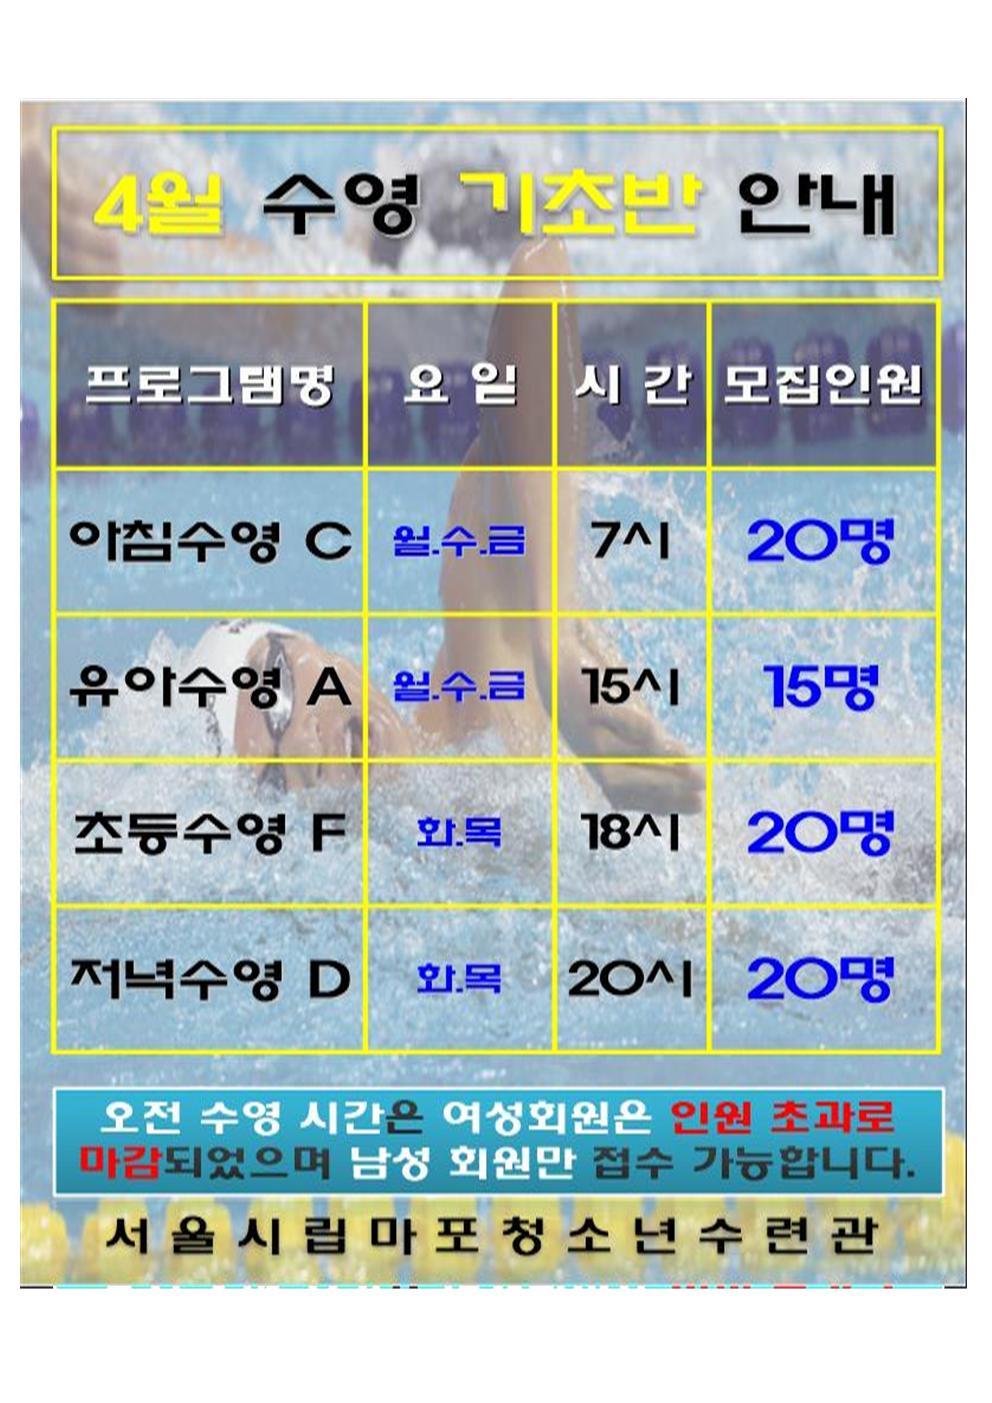 19-4월 뉴 기초반(홈피게시용)  ppt001.jpg